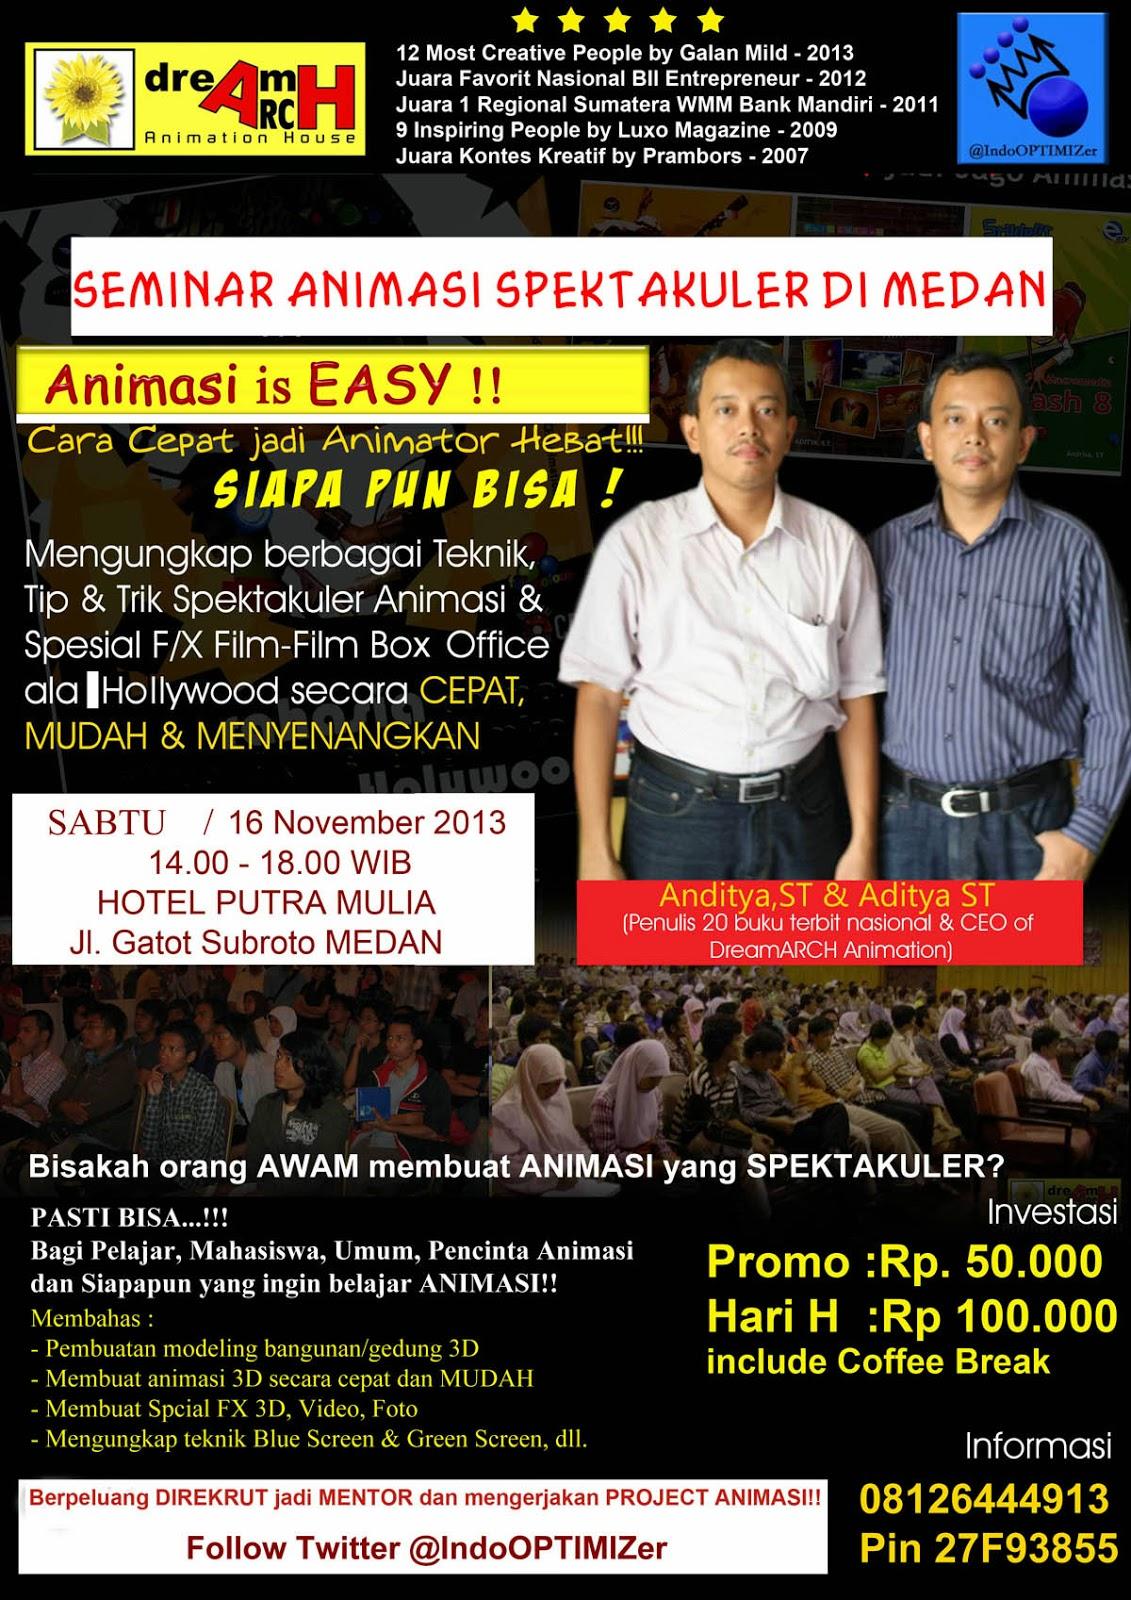 Seminar Animasi Is Easy Oleh Dream Arch Di Medan